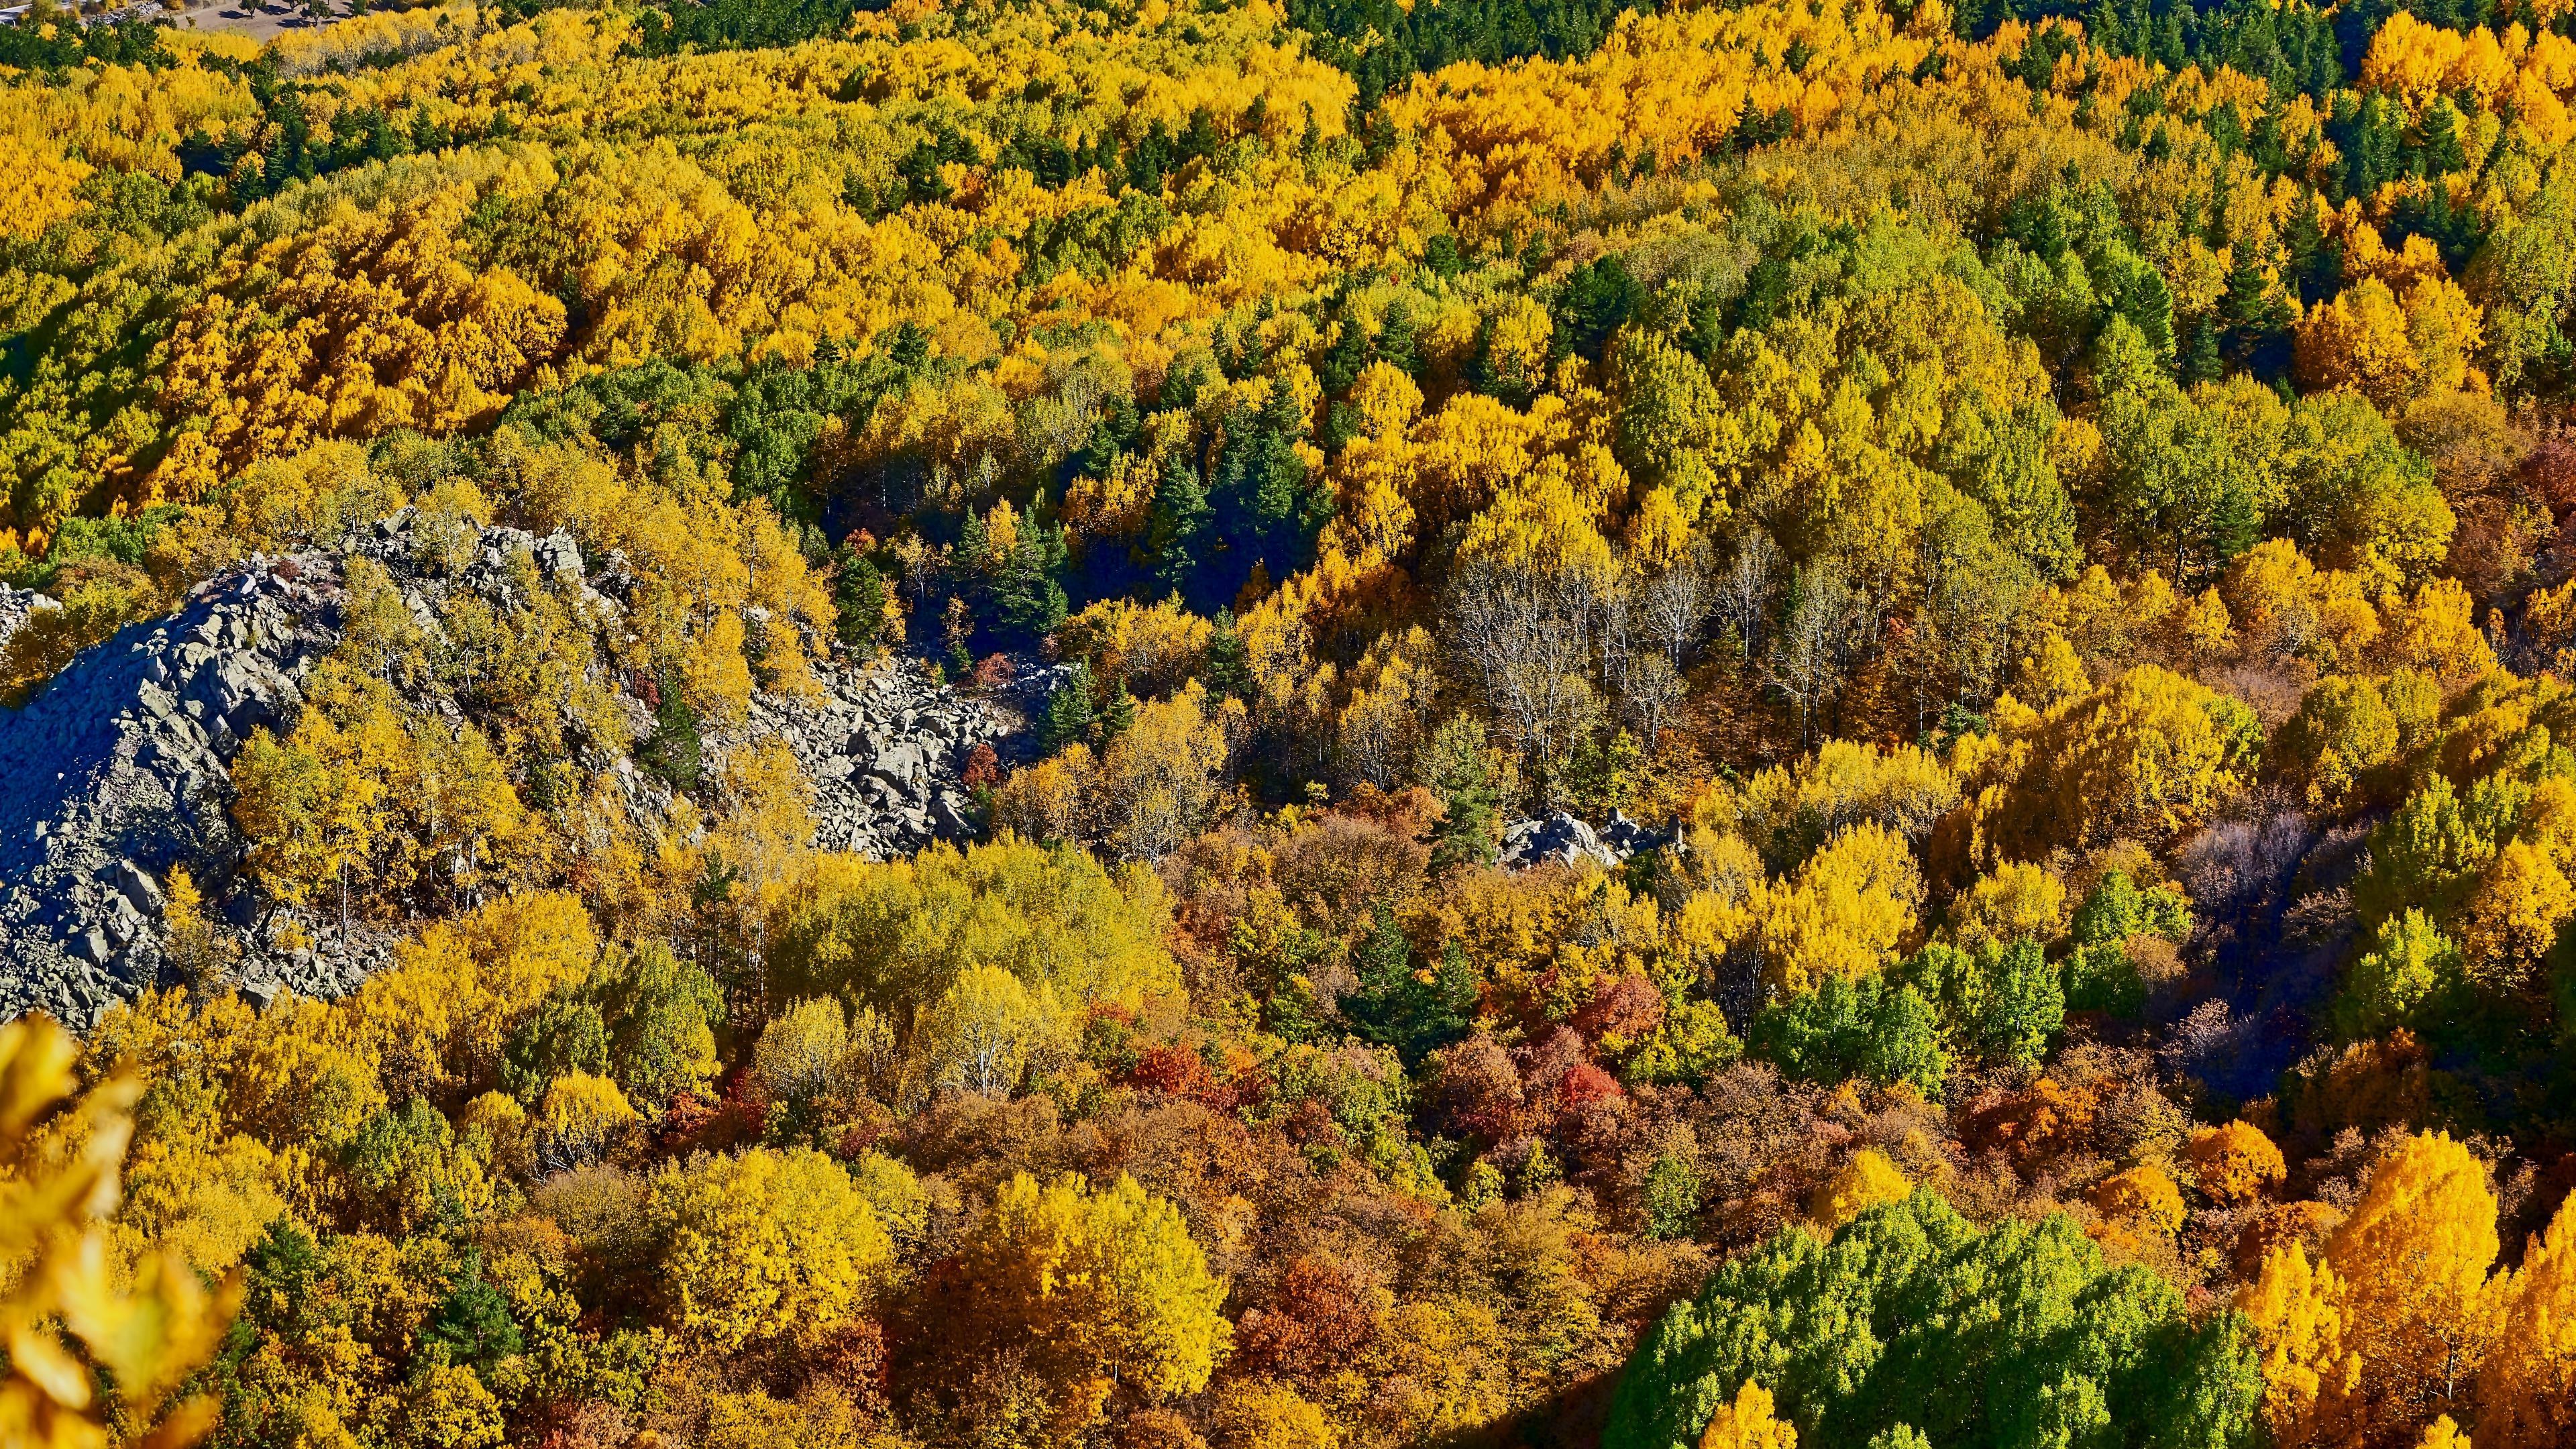 Herbst Hintergrund 3840x2160